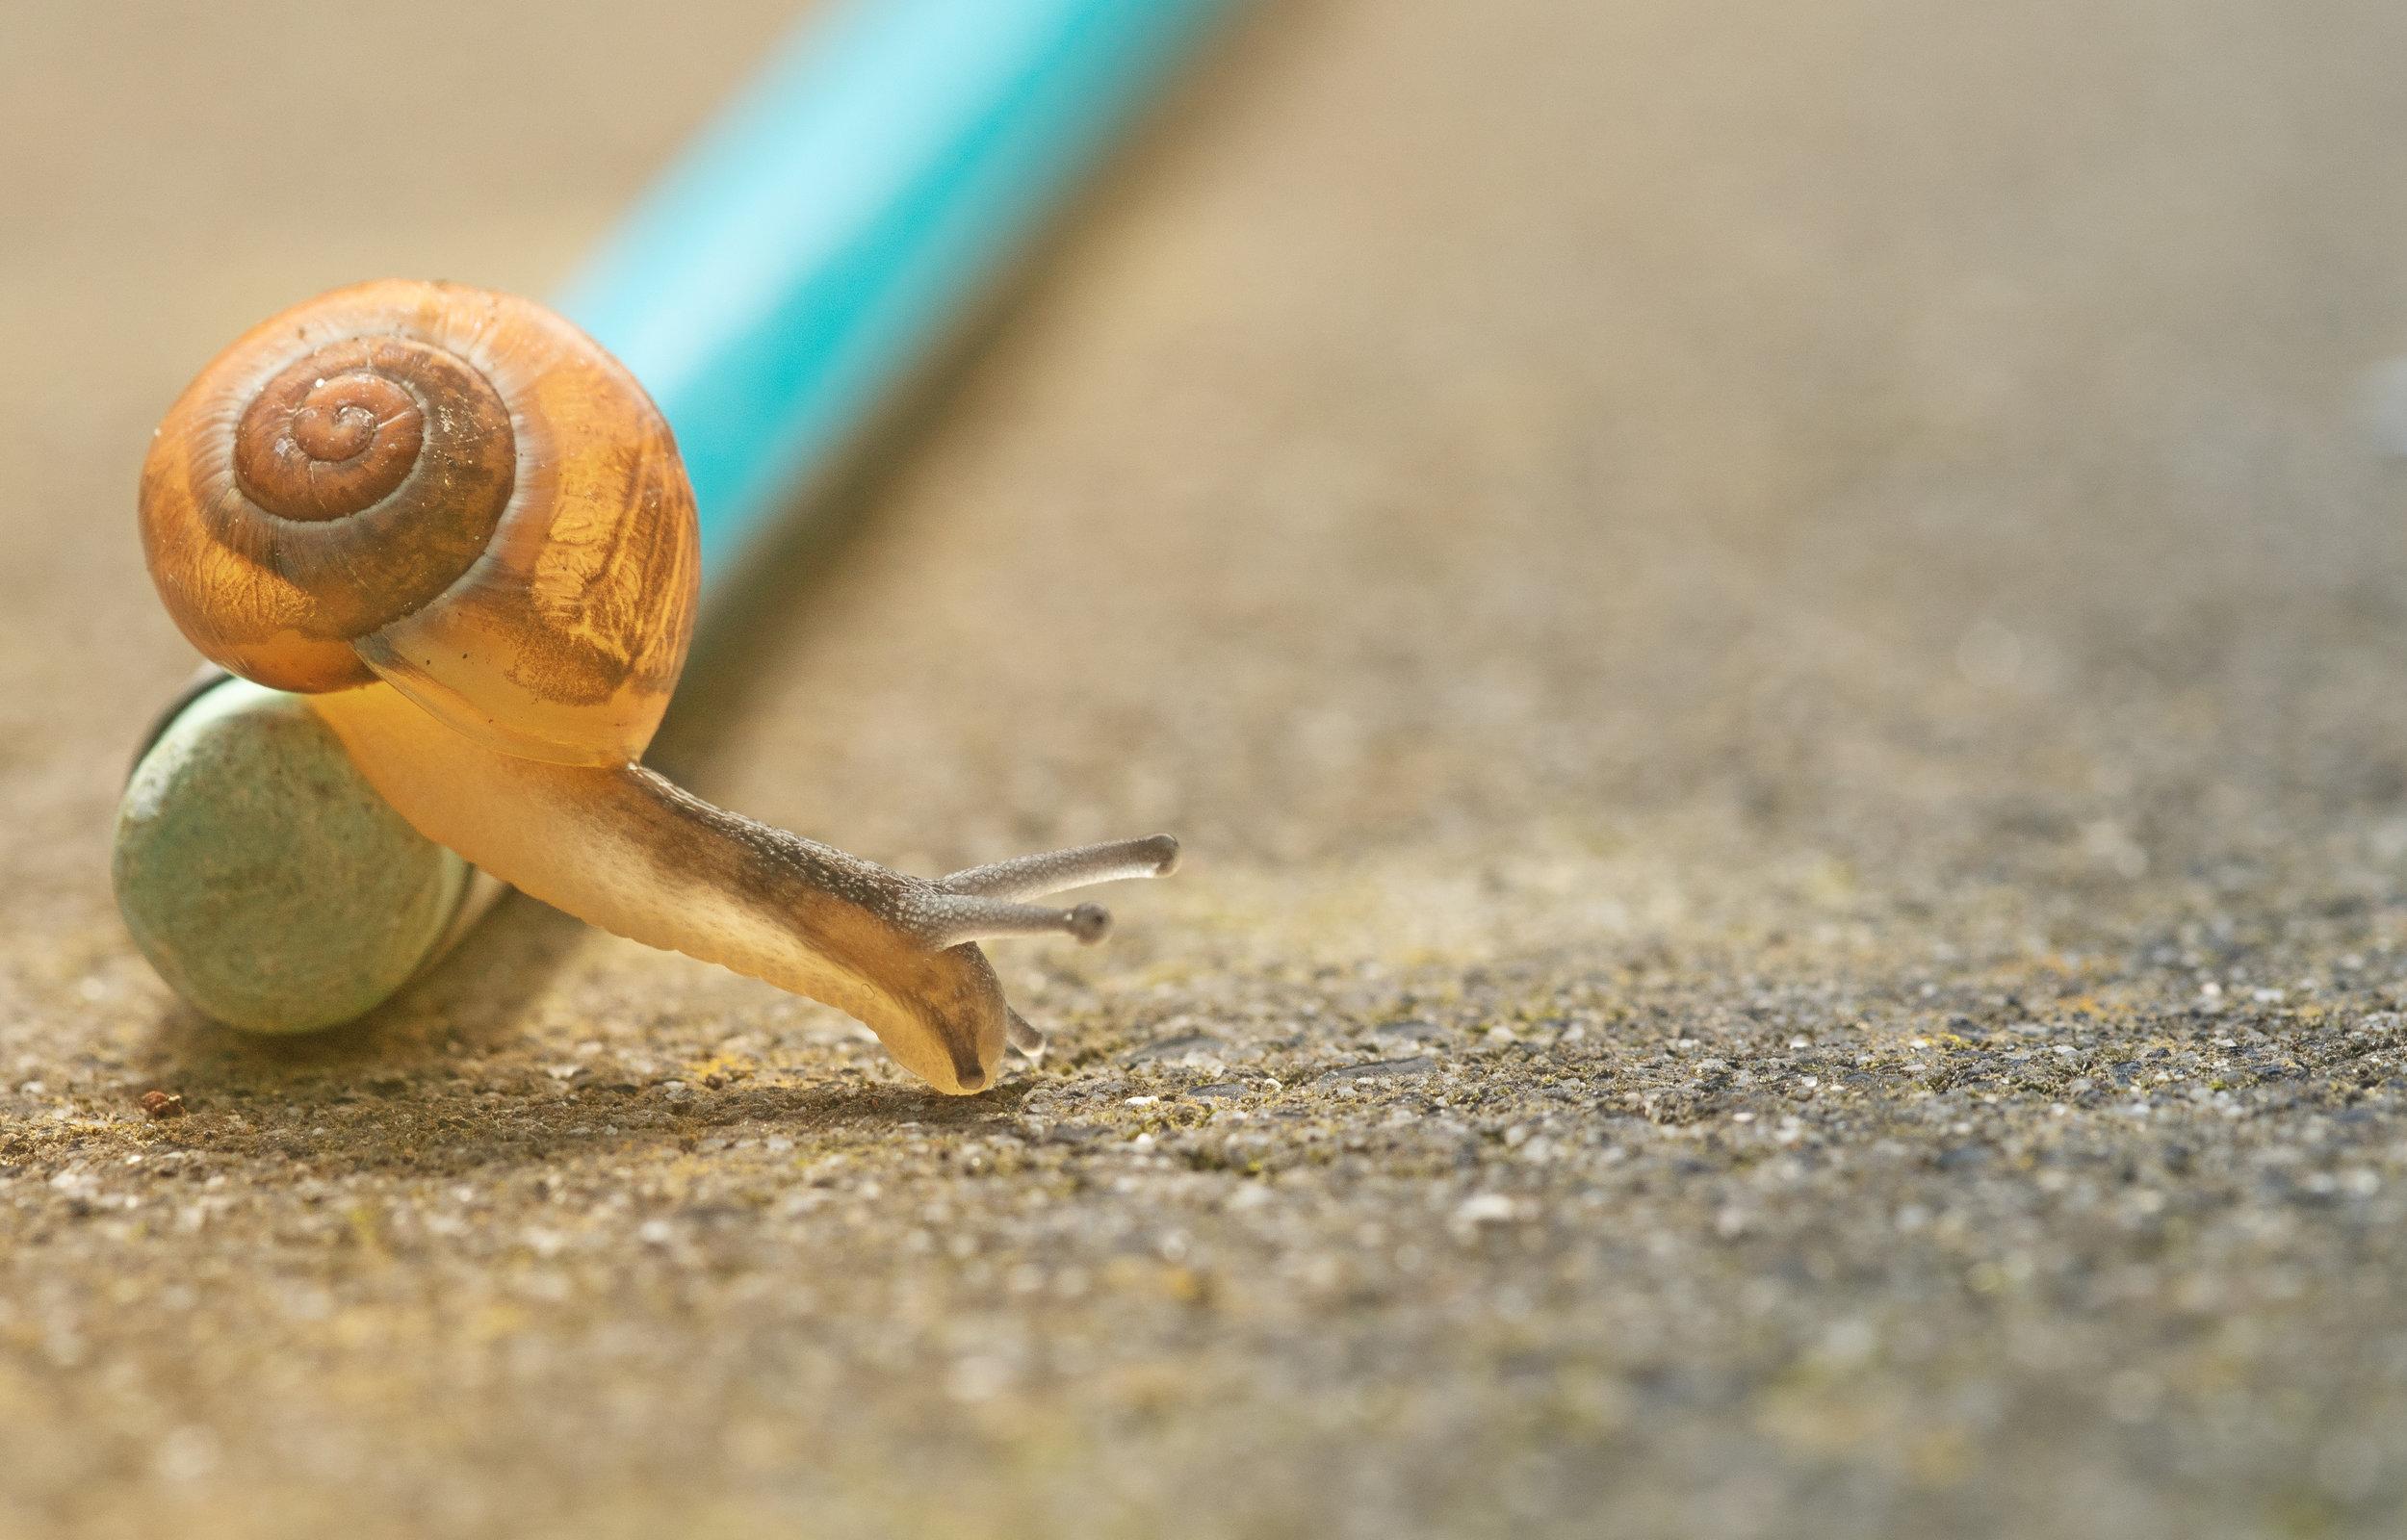 A snail crawling off a pencil